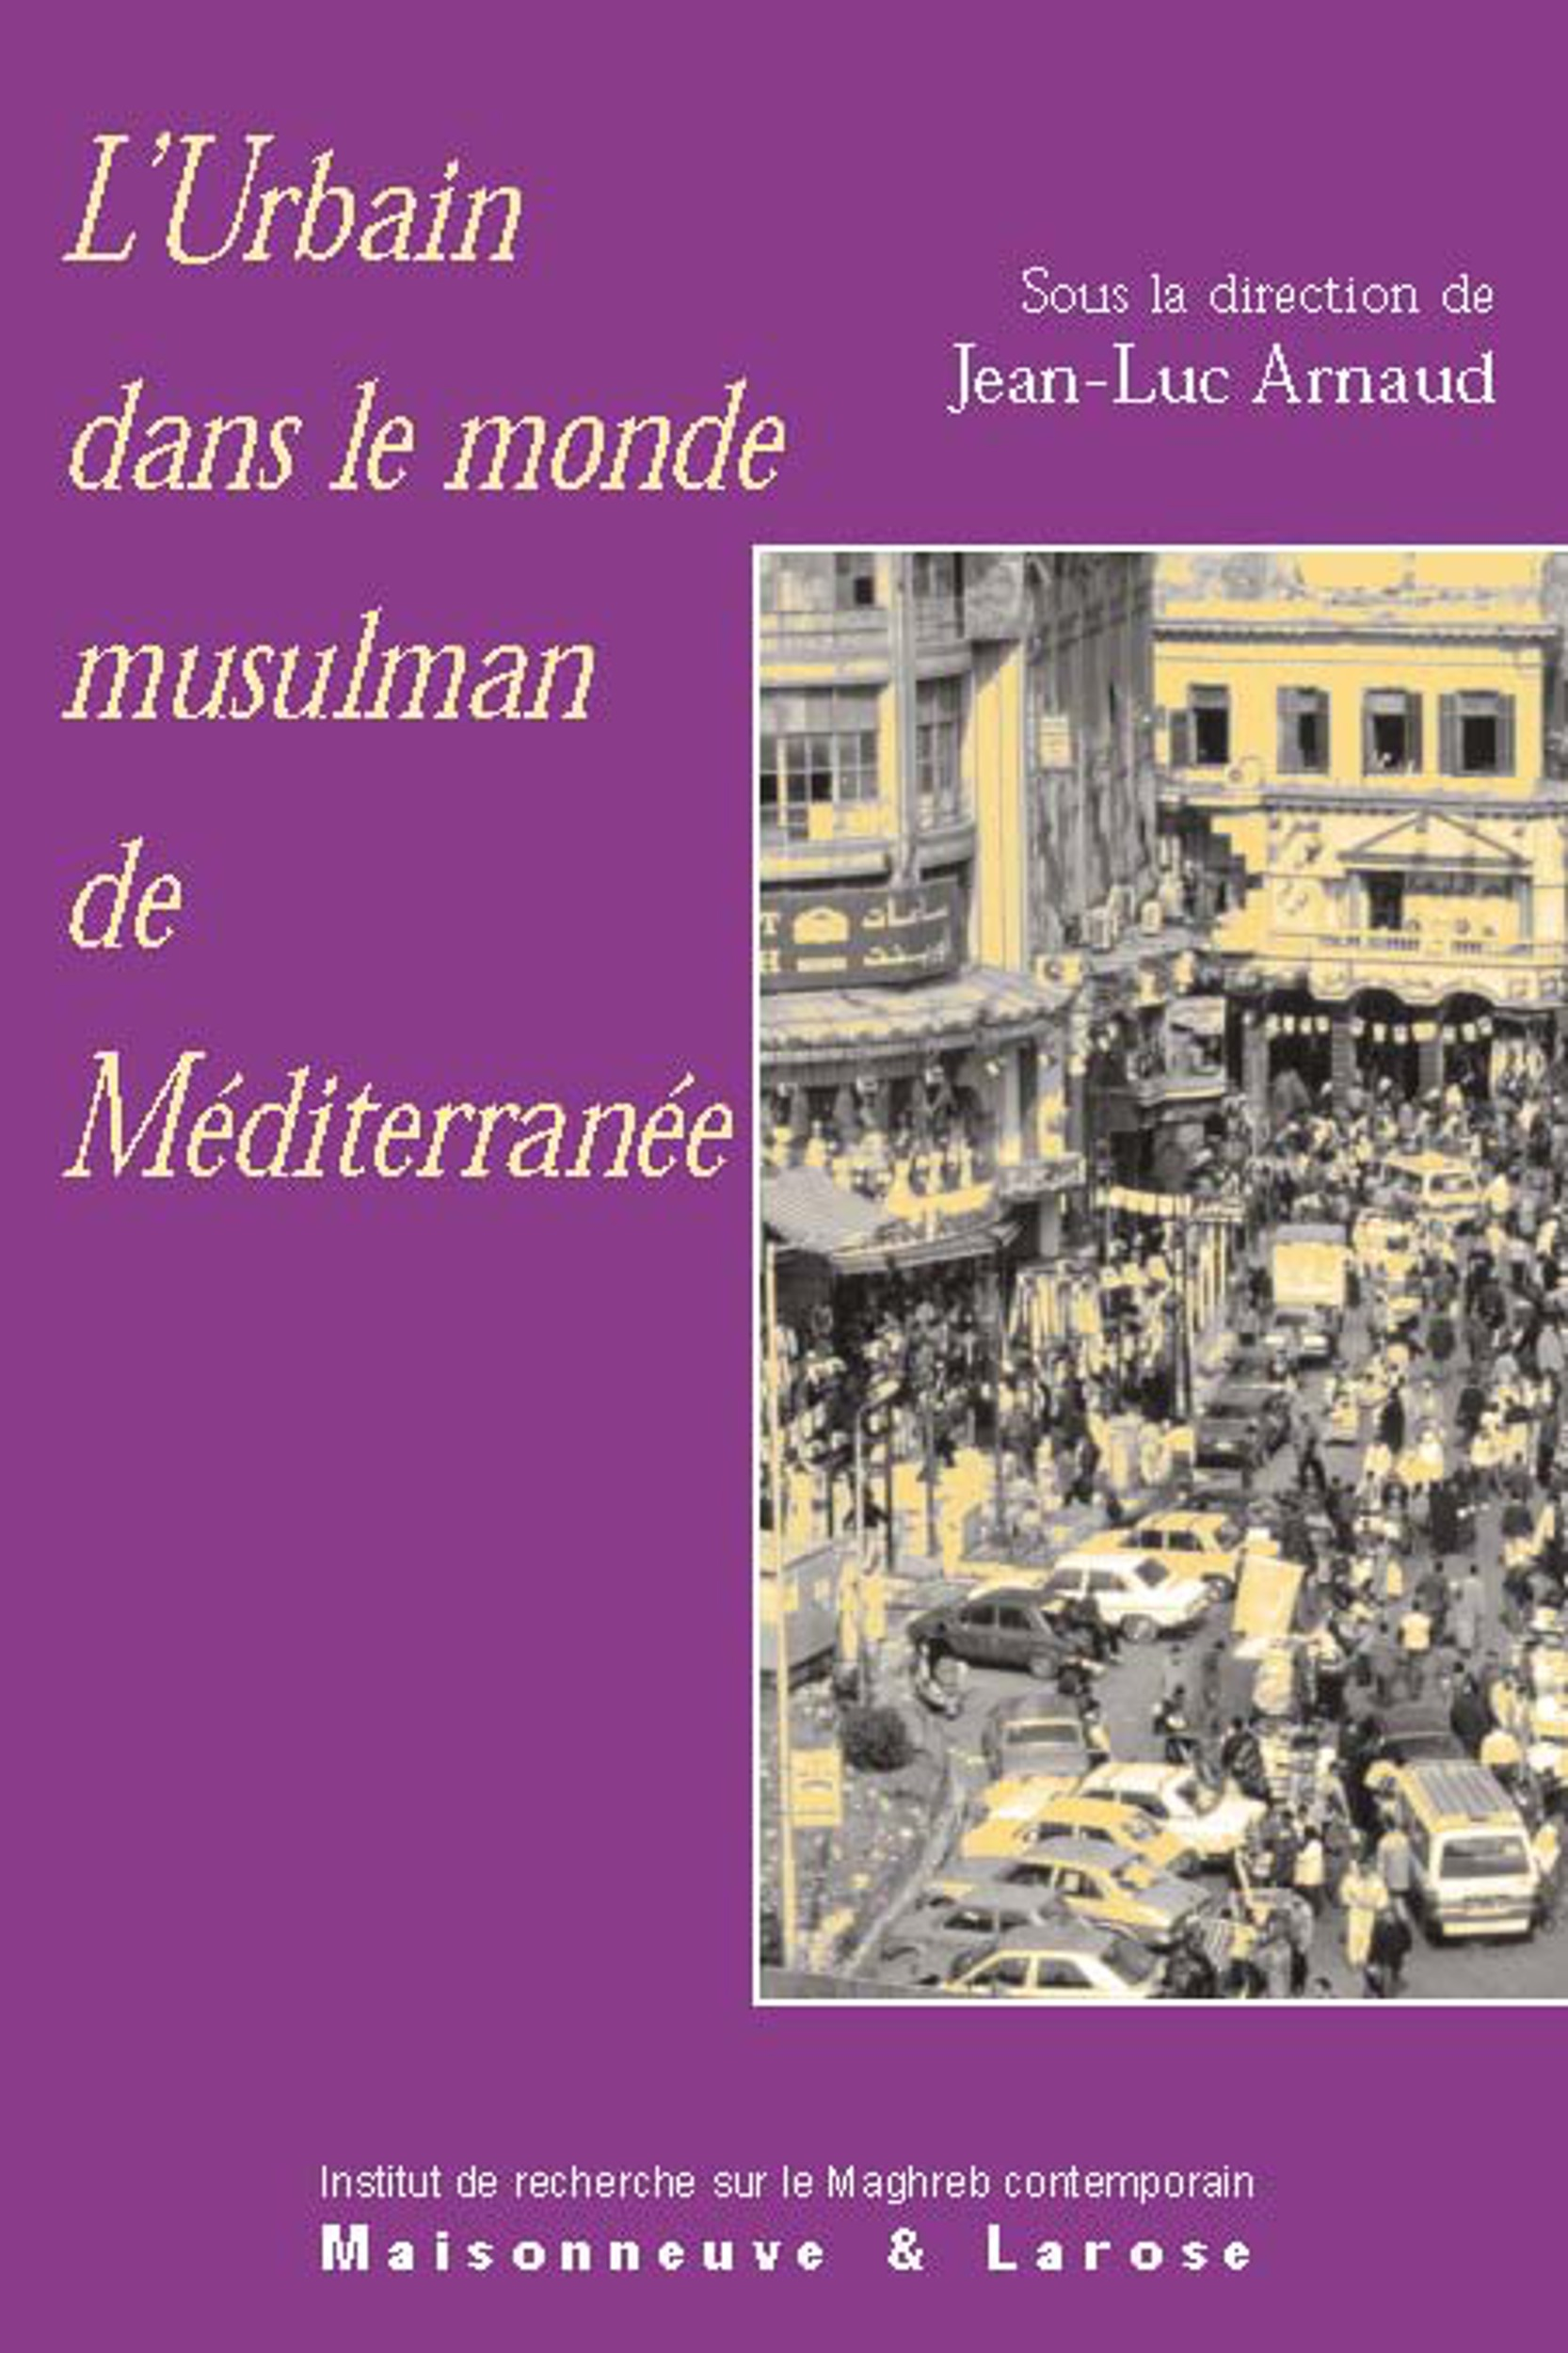 L'urbain dans le monde musulman de mediterranee